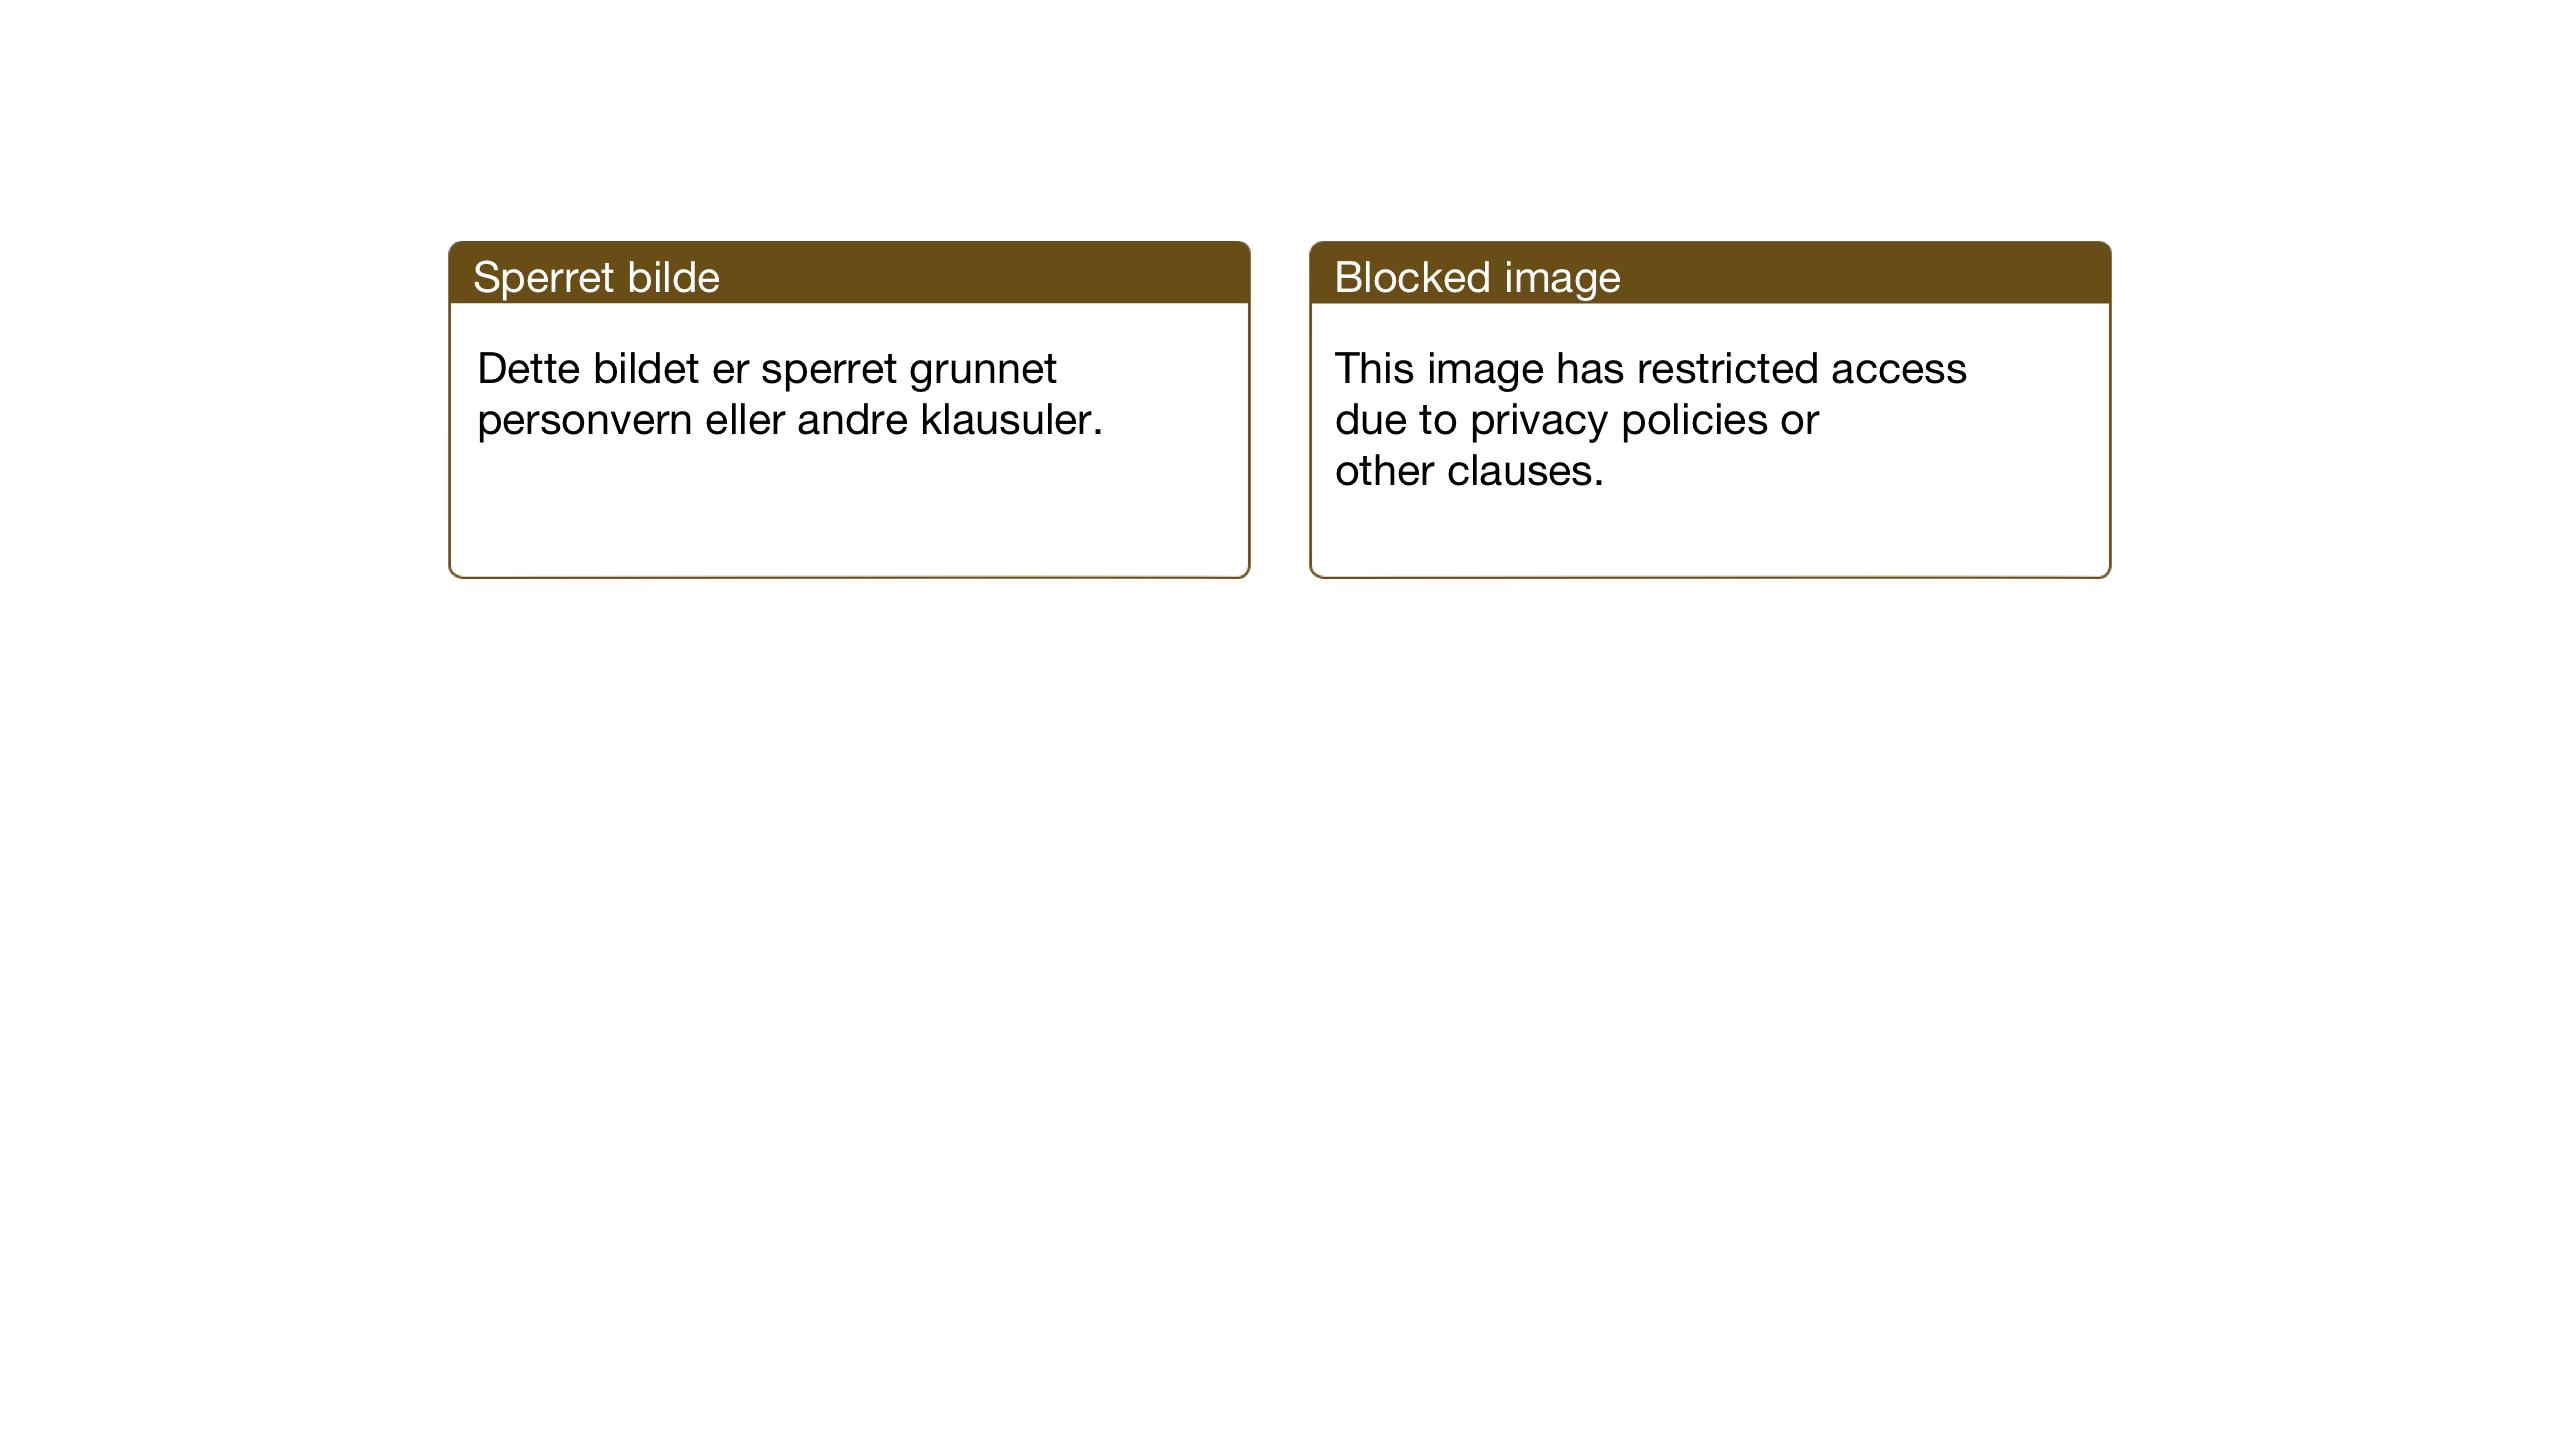 SAT, Ministerialprotokoller, klokkerbøker og fødselsregistre - Nord-Trøndelag, 745/L0434: Klokkerbok nr. 745C03, 1914-1937, s. 64